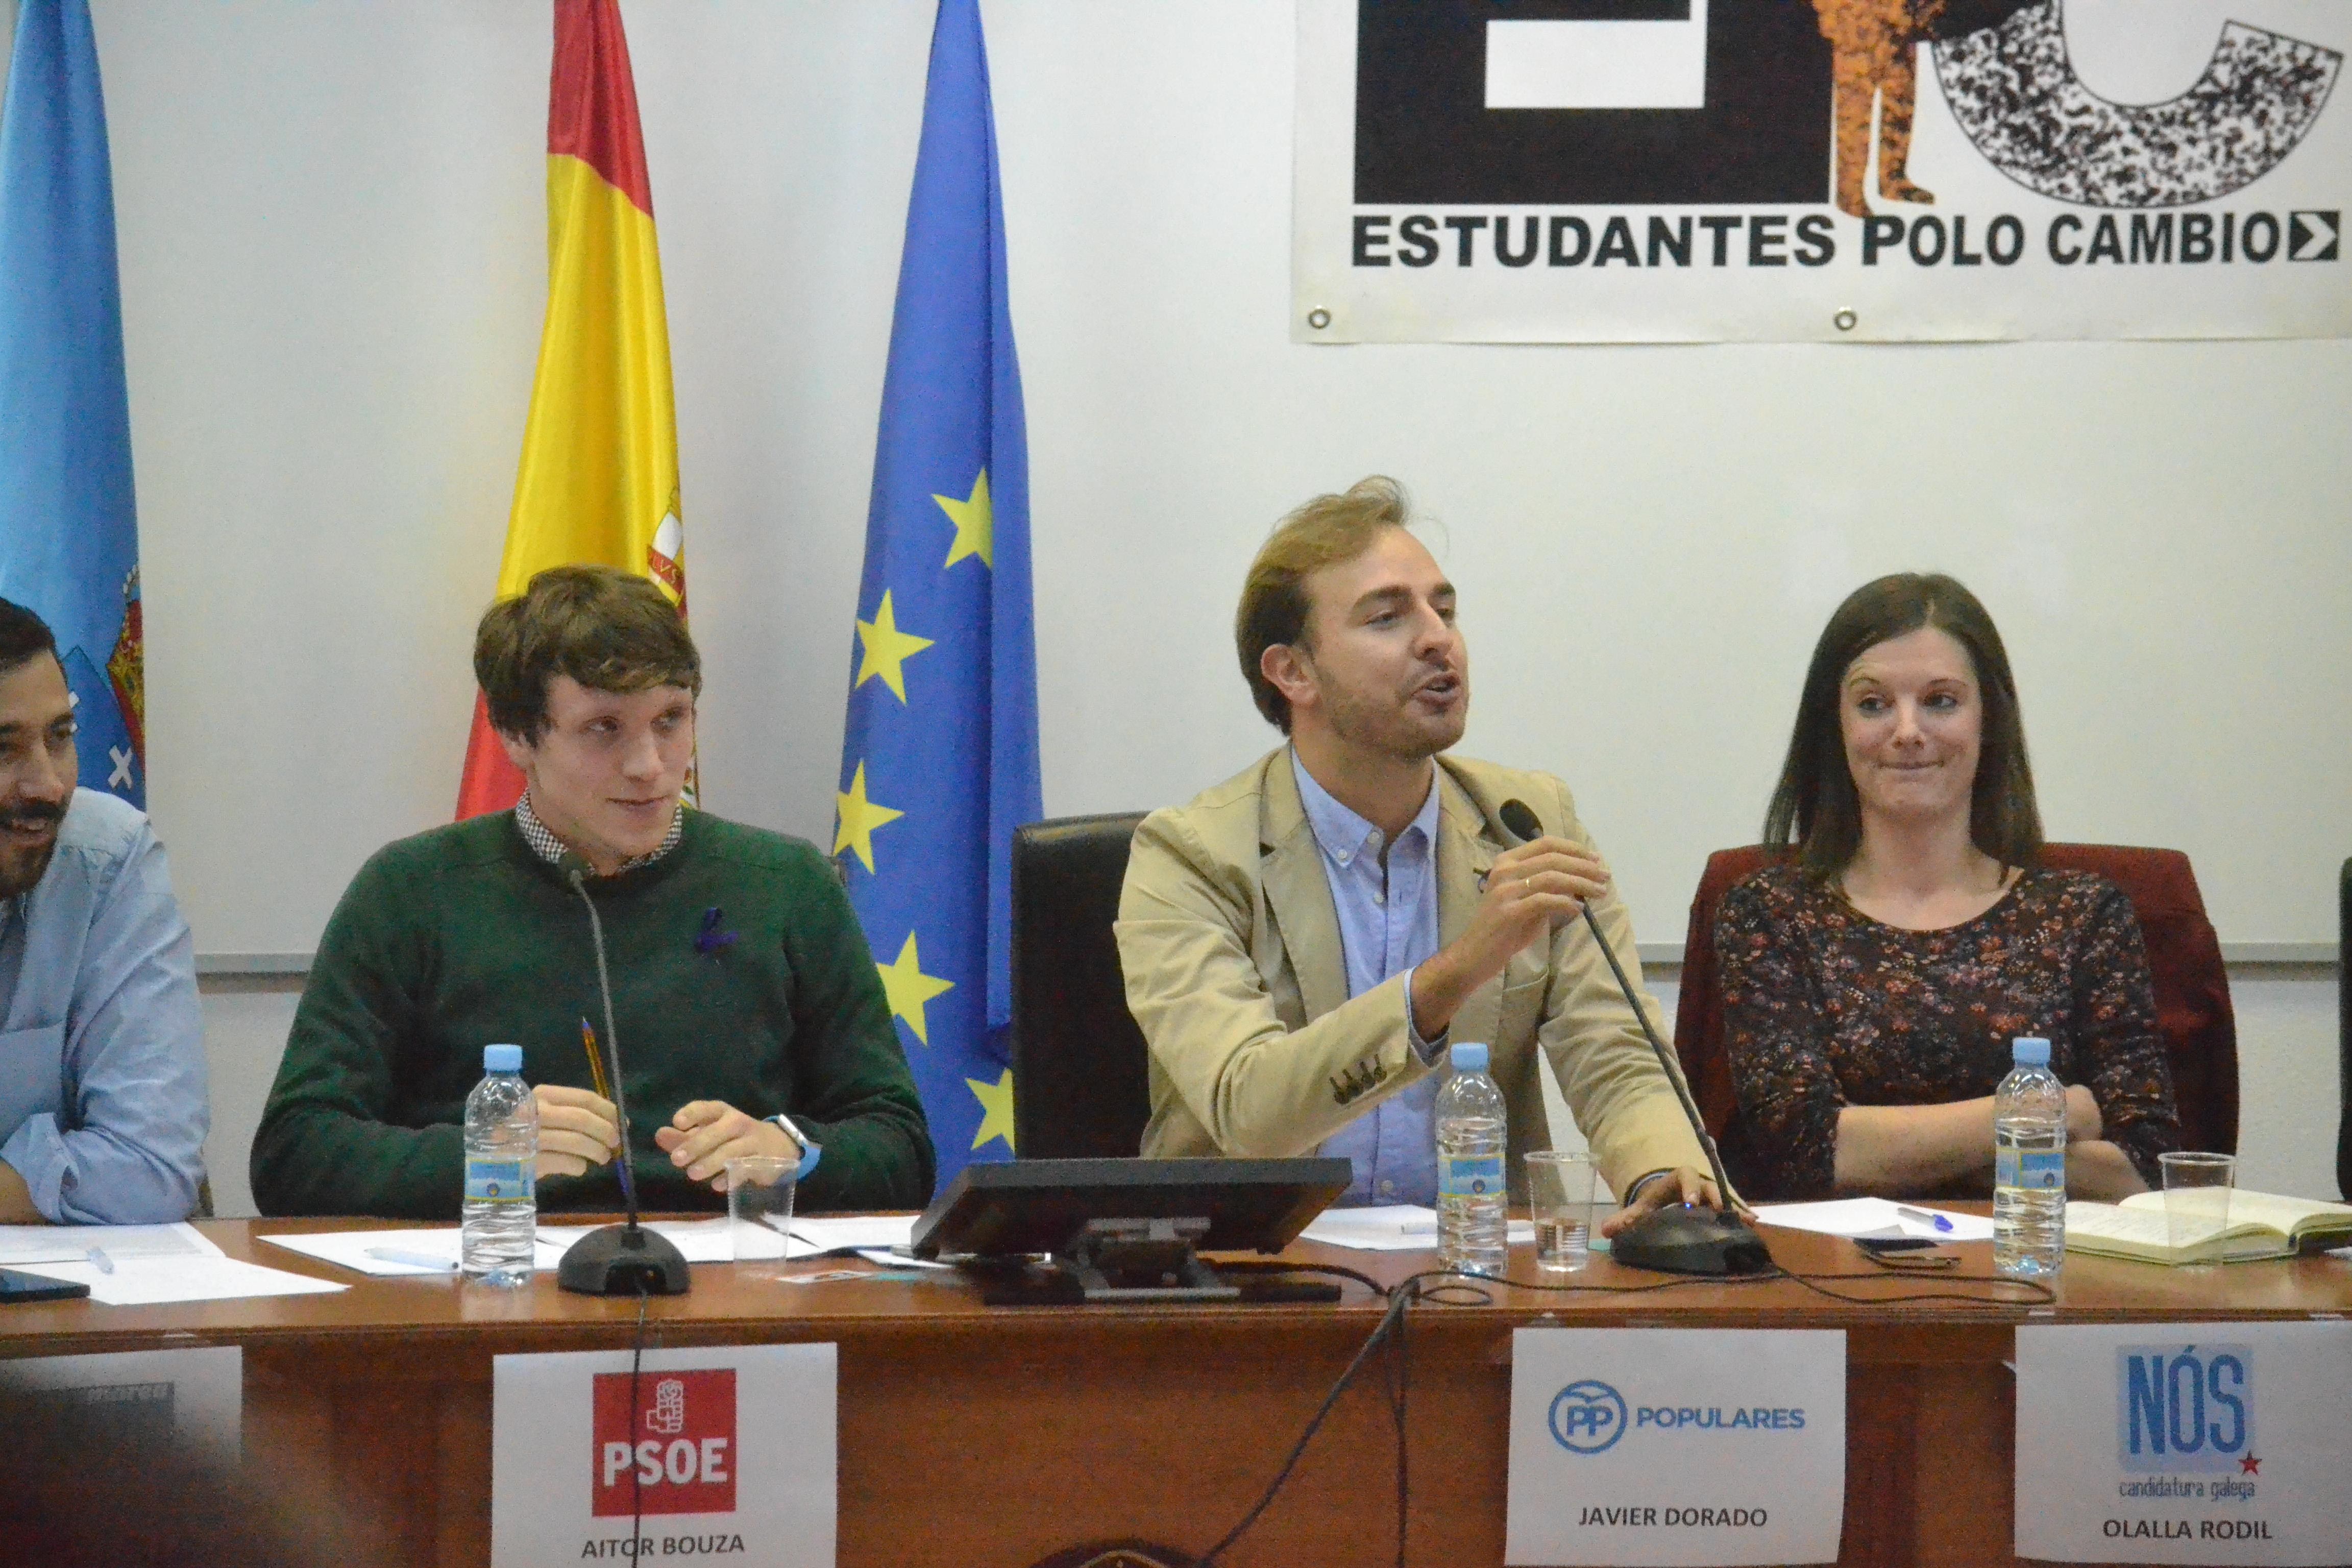 Javier Dorado (PP) respondendo ás preguntas dos asistentes ao debate © Carlos Rey